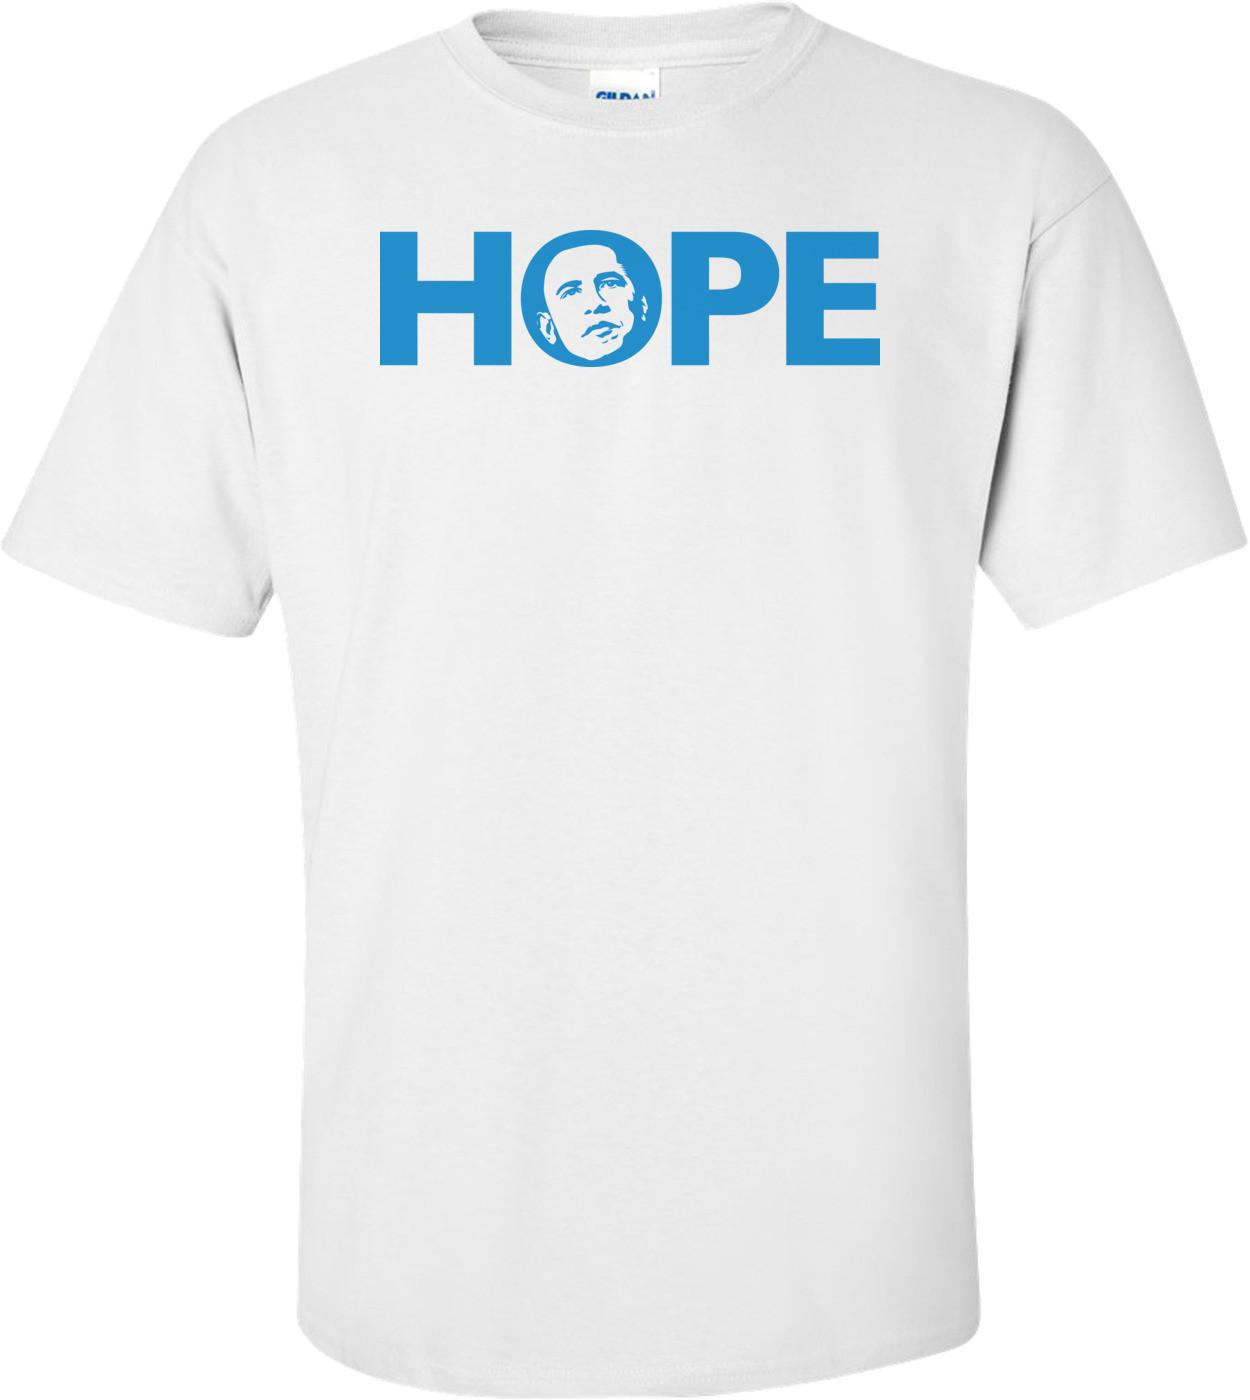 Hope Pro Obama